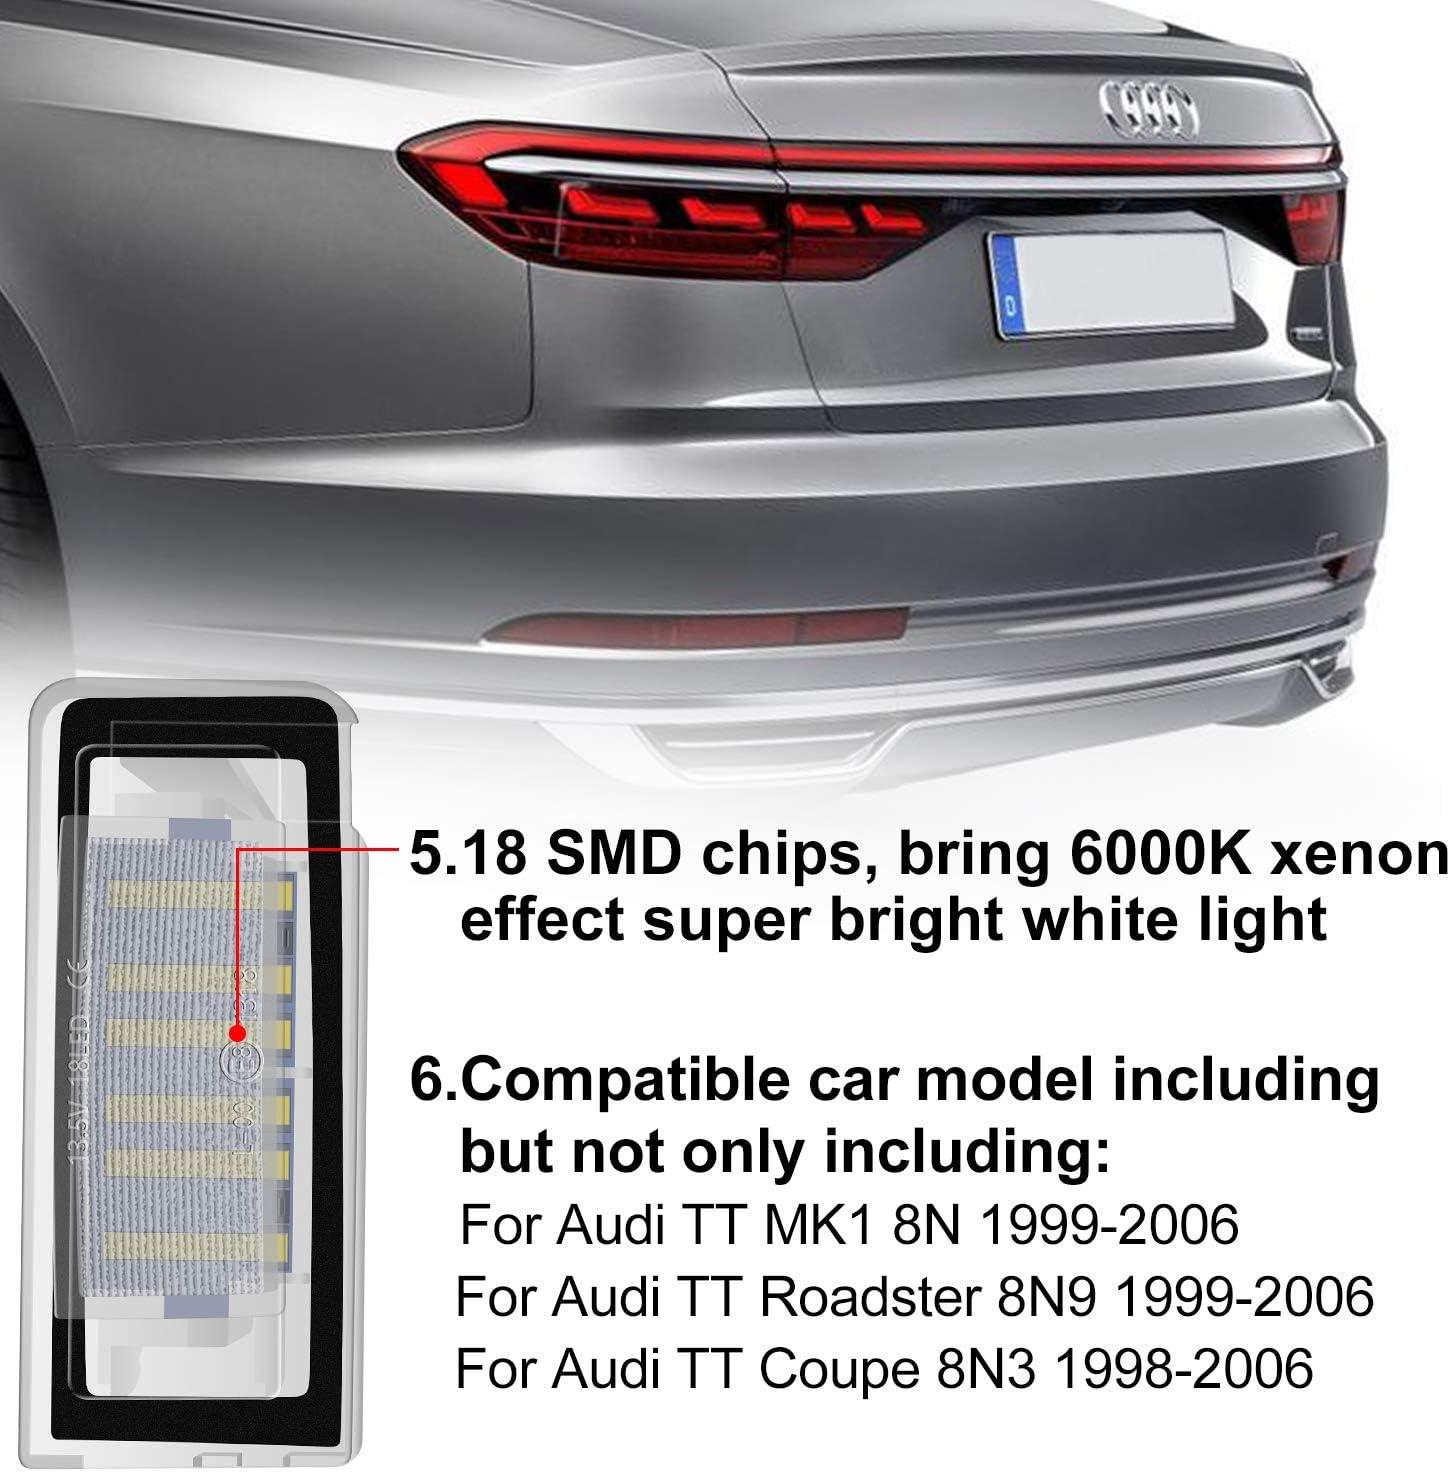 WinPower LED /Éclairage plaque immatriculation pour TT 8N Roadster Coupe 1999-2006 18SMD Pas derreur 2 pi/èces